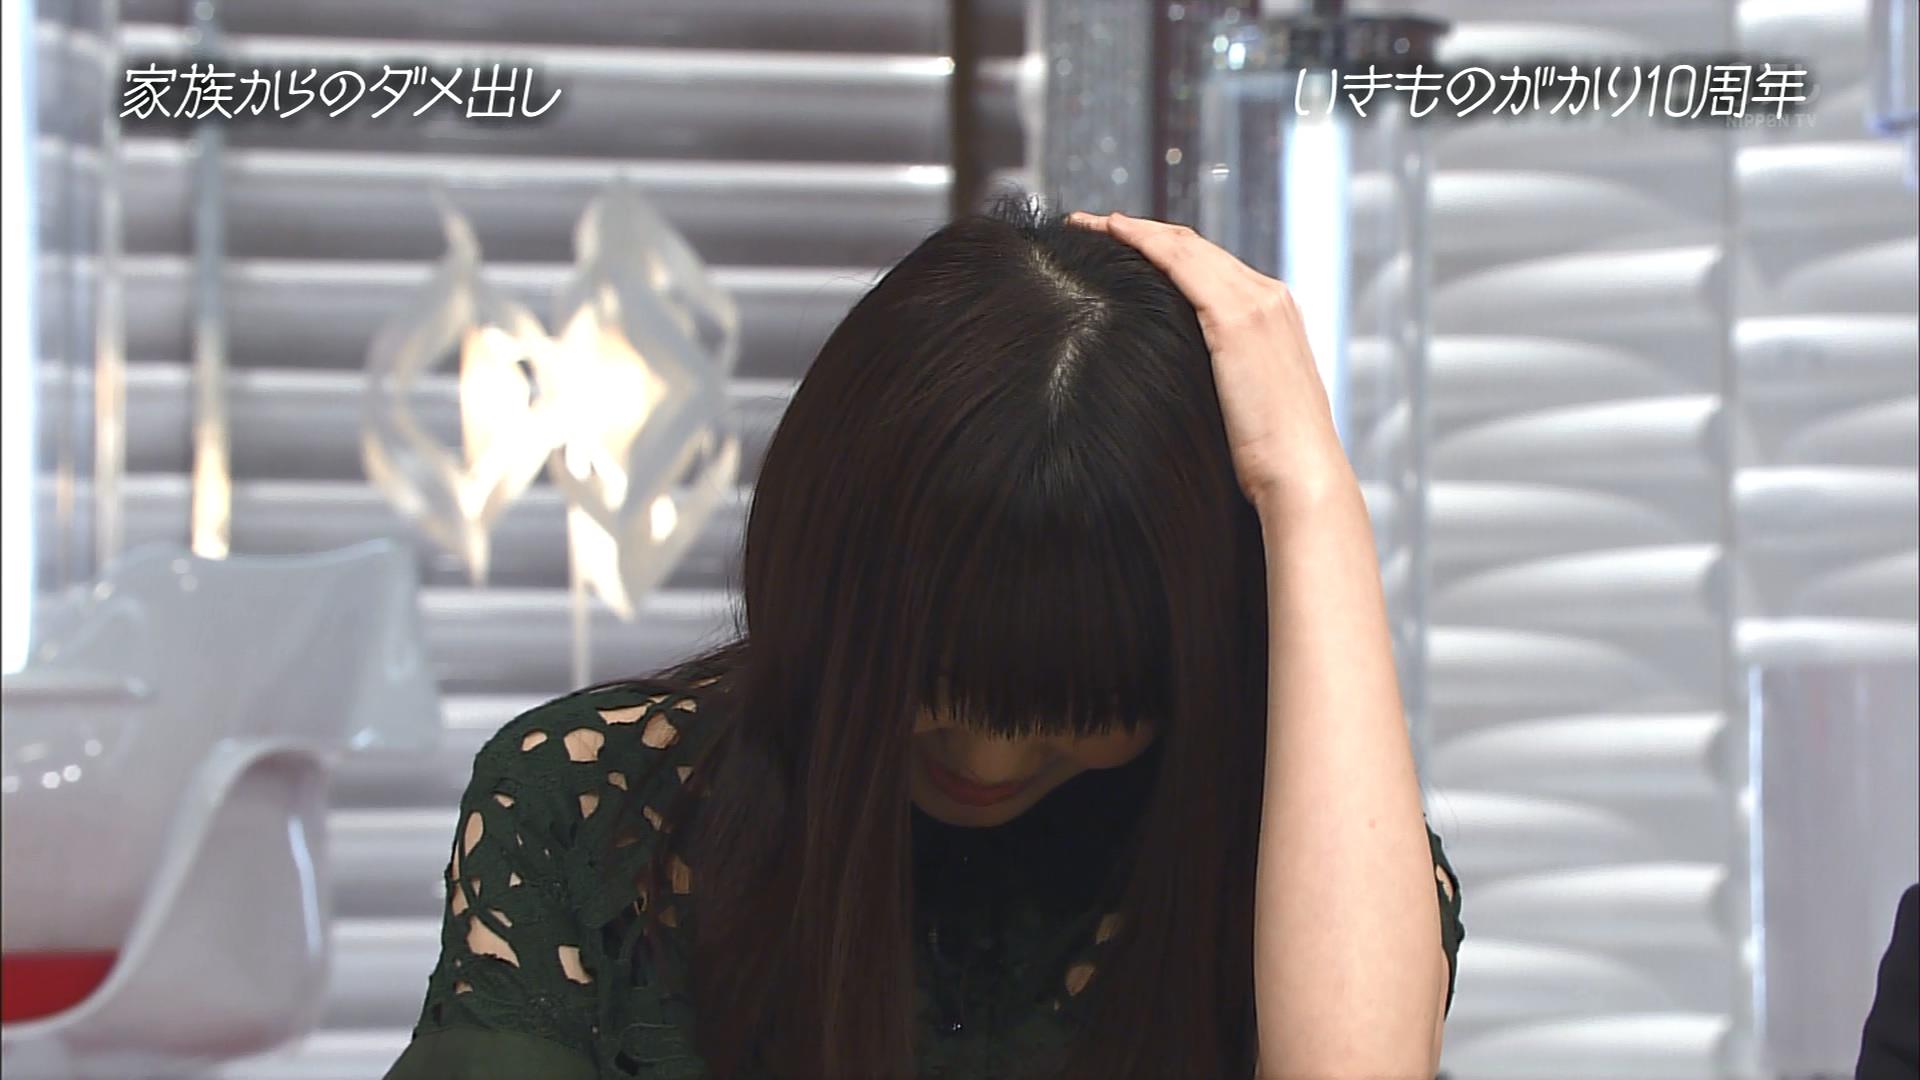 2016.03.13 全場(おしゃれイズム).ts_20160313_233428.517